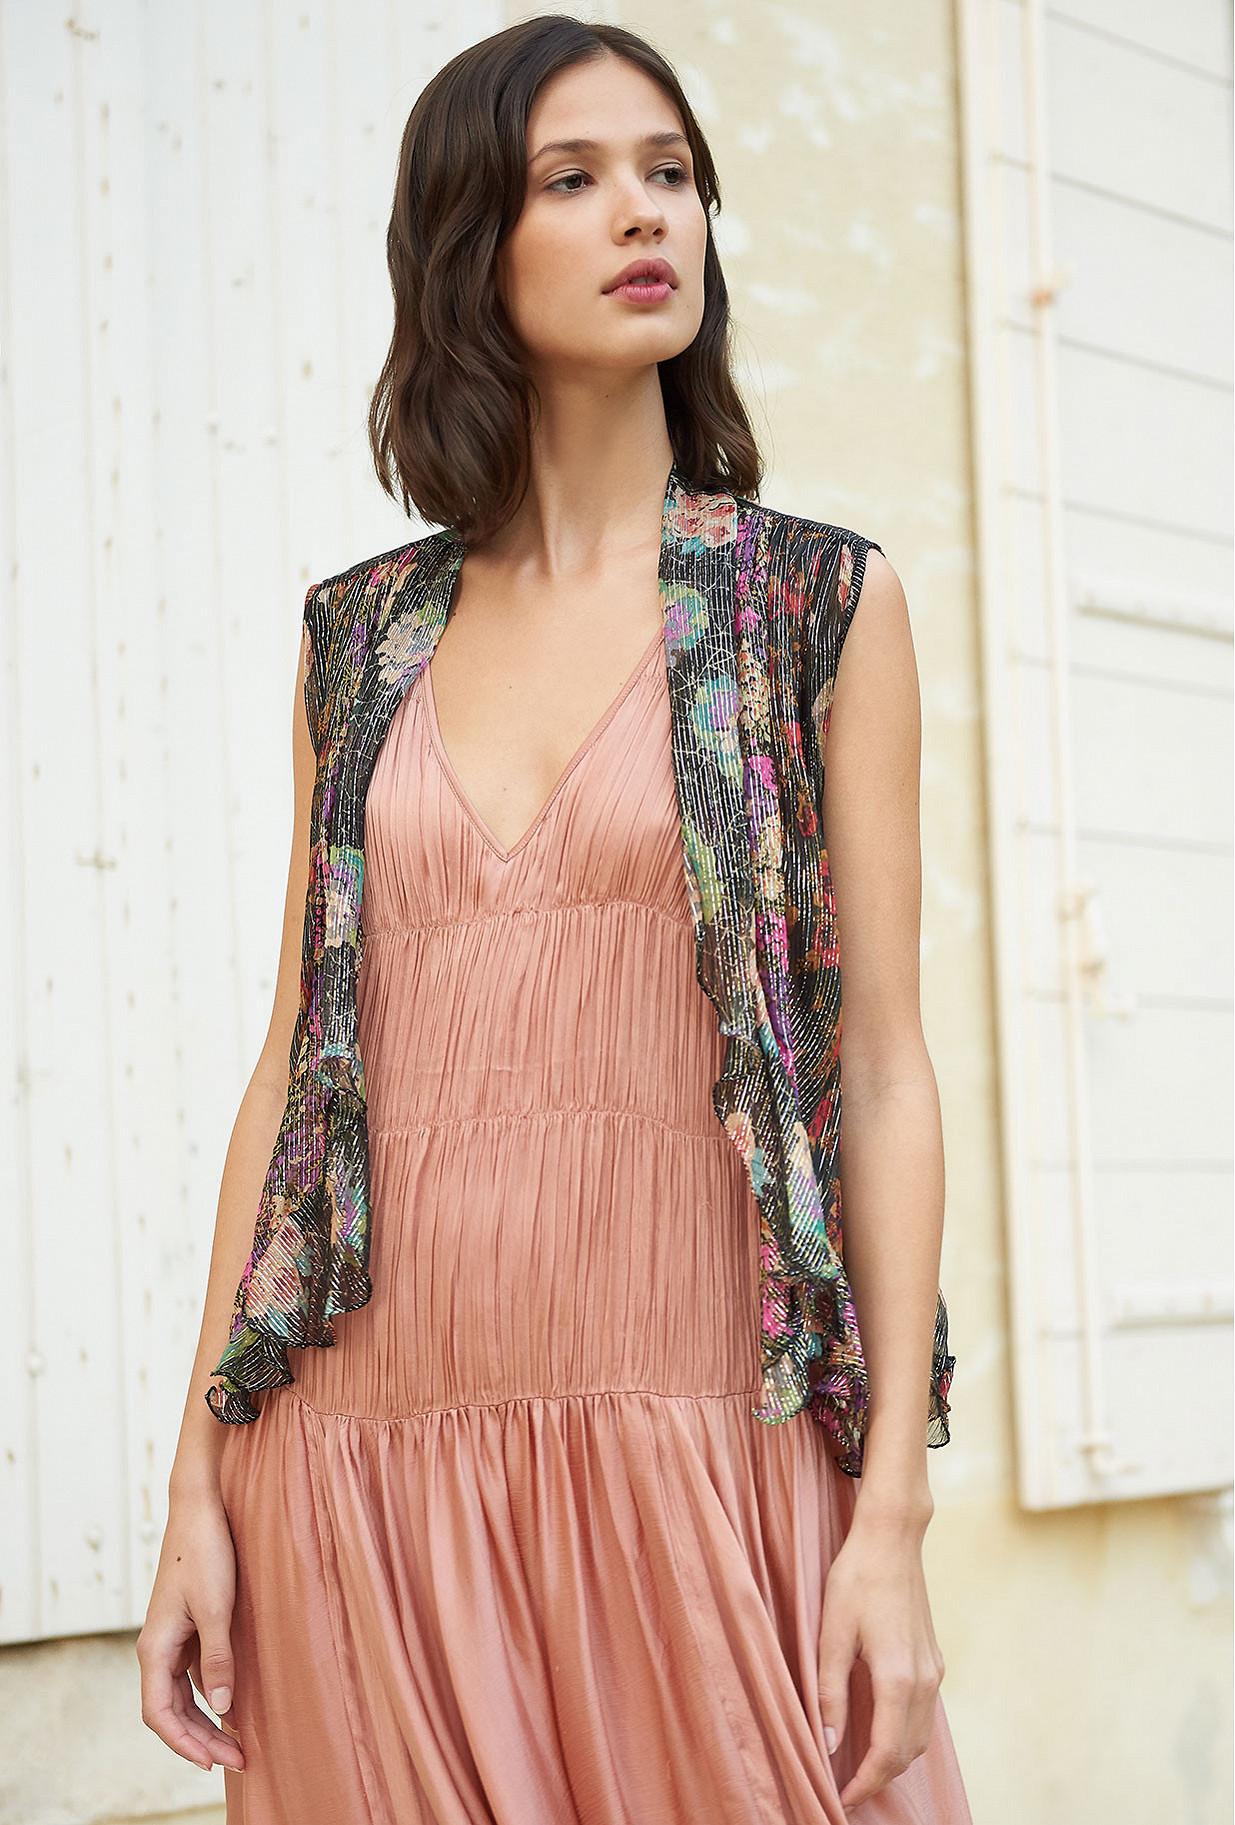 Paris boutique de mode vêtement Top créateur bohème  Fasta